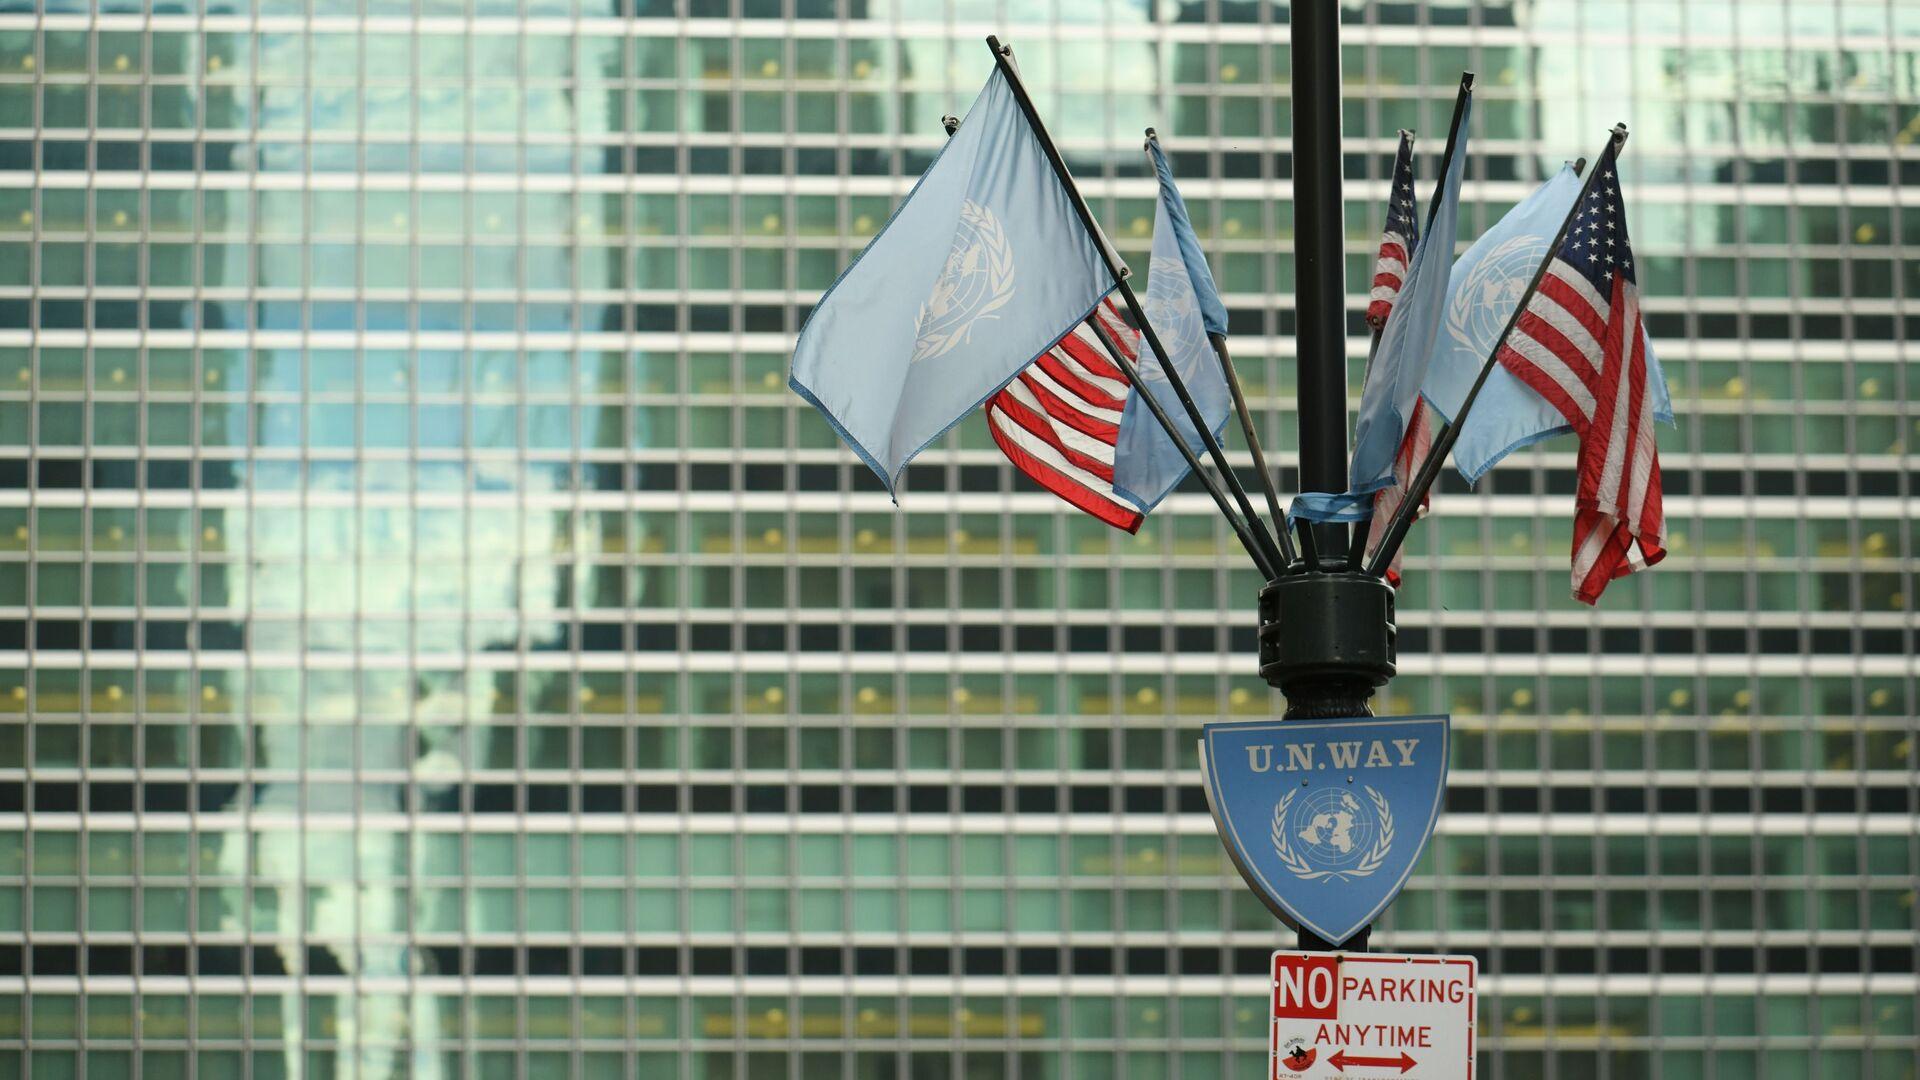 Flagi USA i ONZ pod budynkiem kwatery głównej ONZ w Nowym Jorku - Sputnik Polska, 1920, 07.08.2021